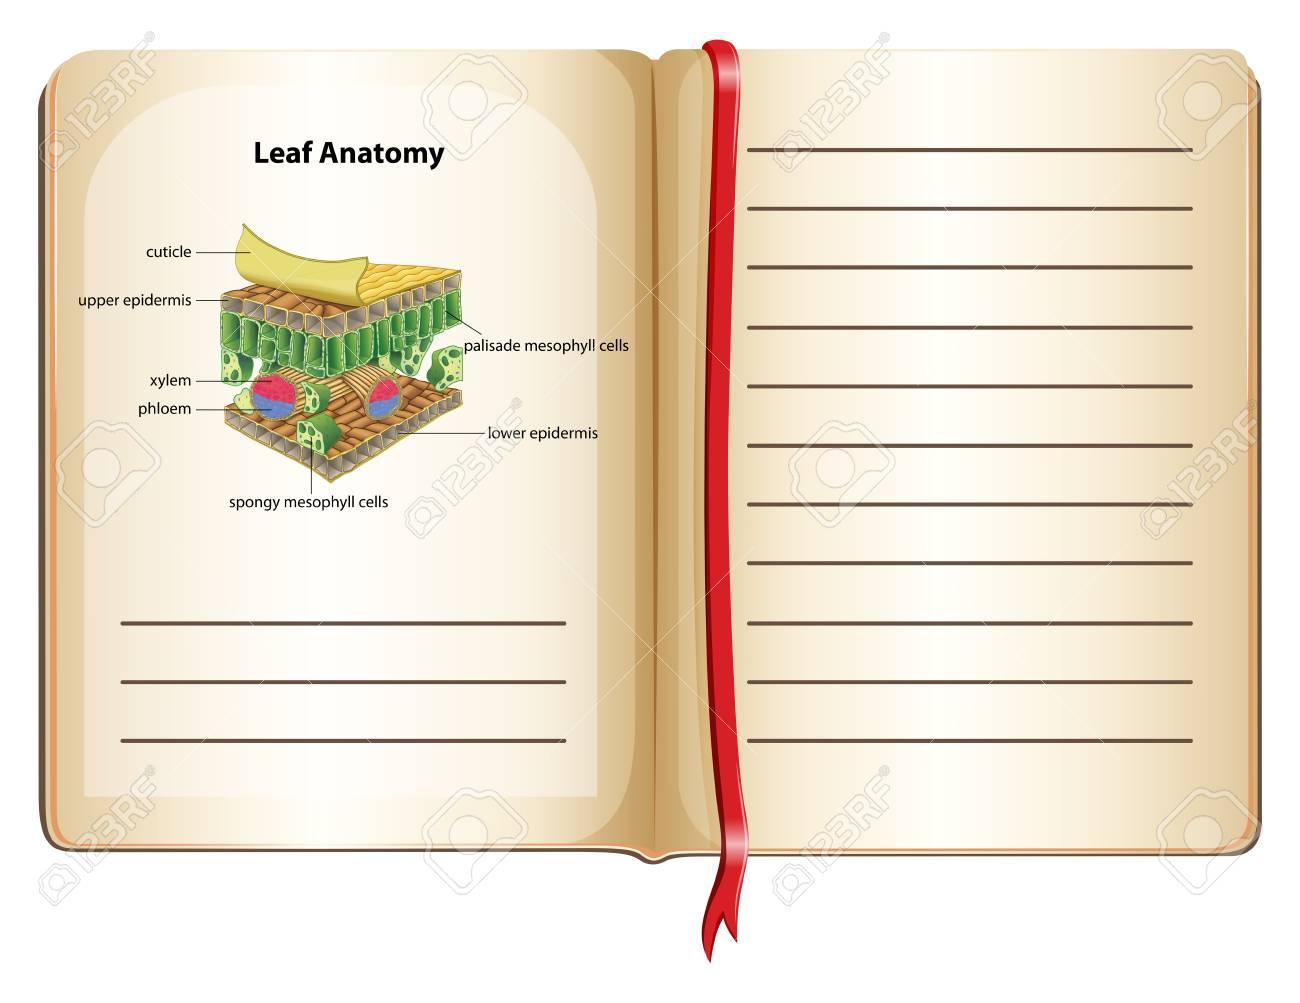 Cuaderno Y La Anatomía De La Hoja En La Página De La Ilustración ...